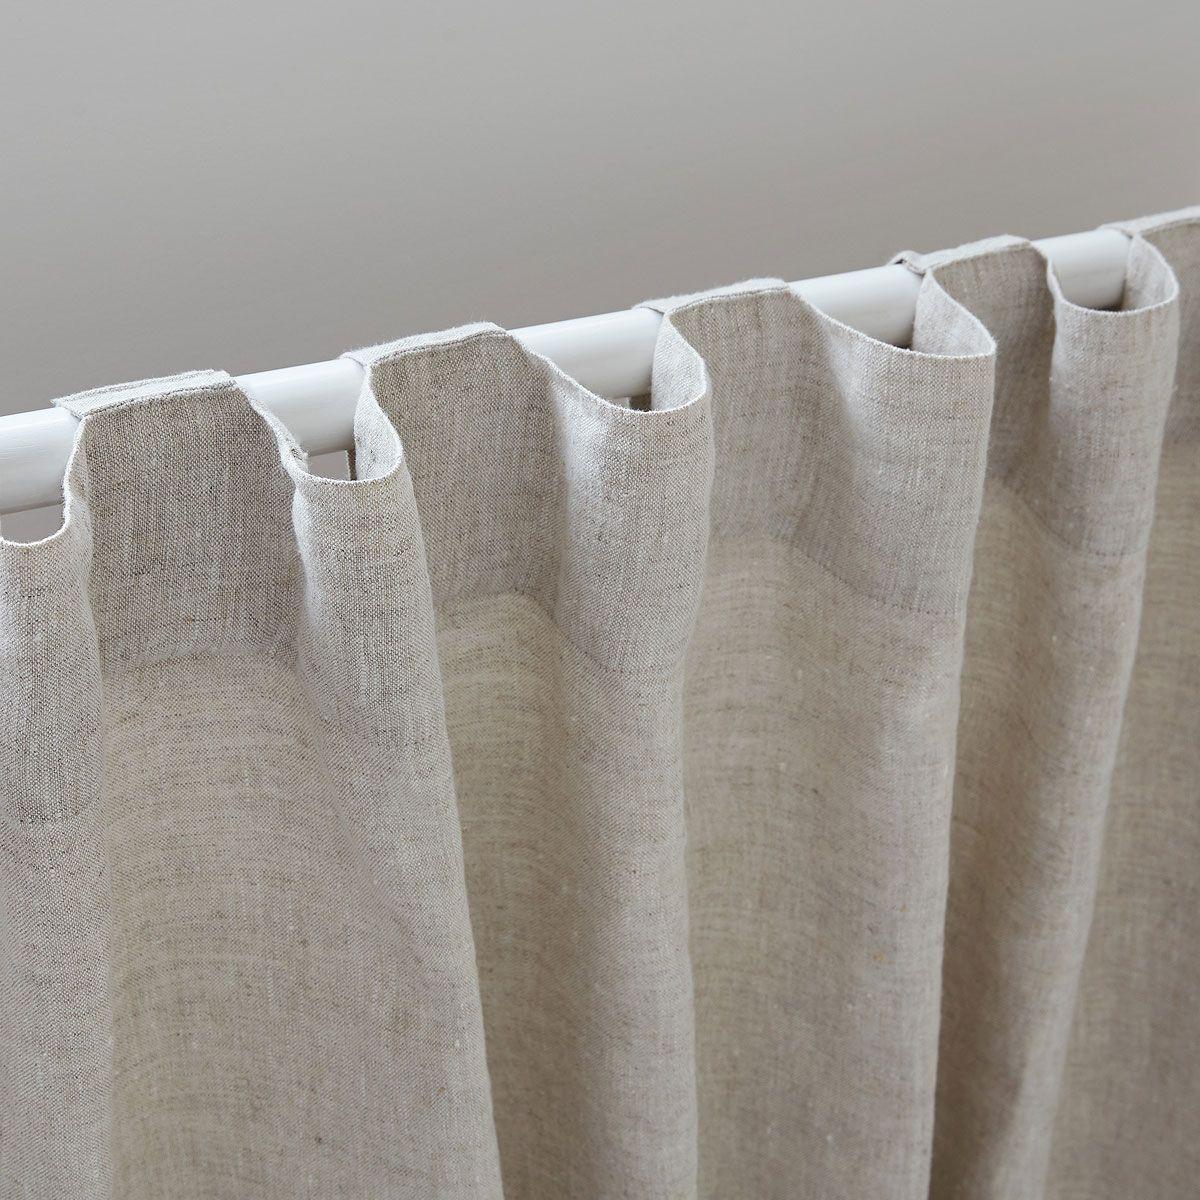 Cortina de lino lavado cortinas dormitorio zara home m xico depto in 2019 cortinas - Cortinas de dormitorios ...